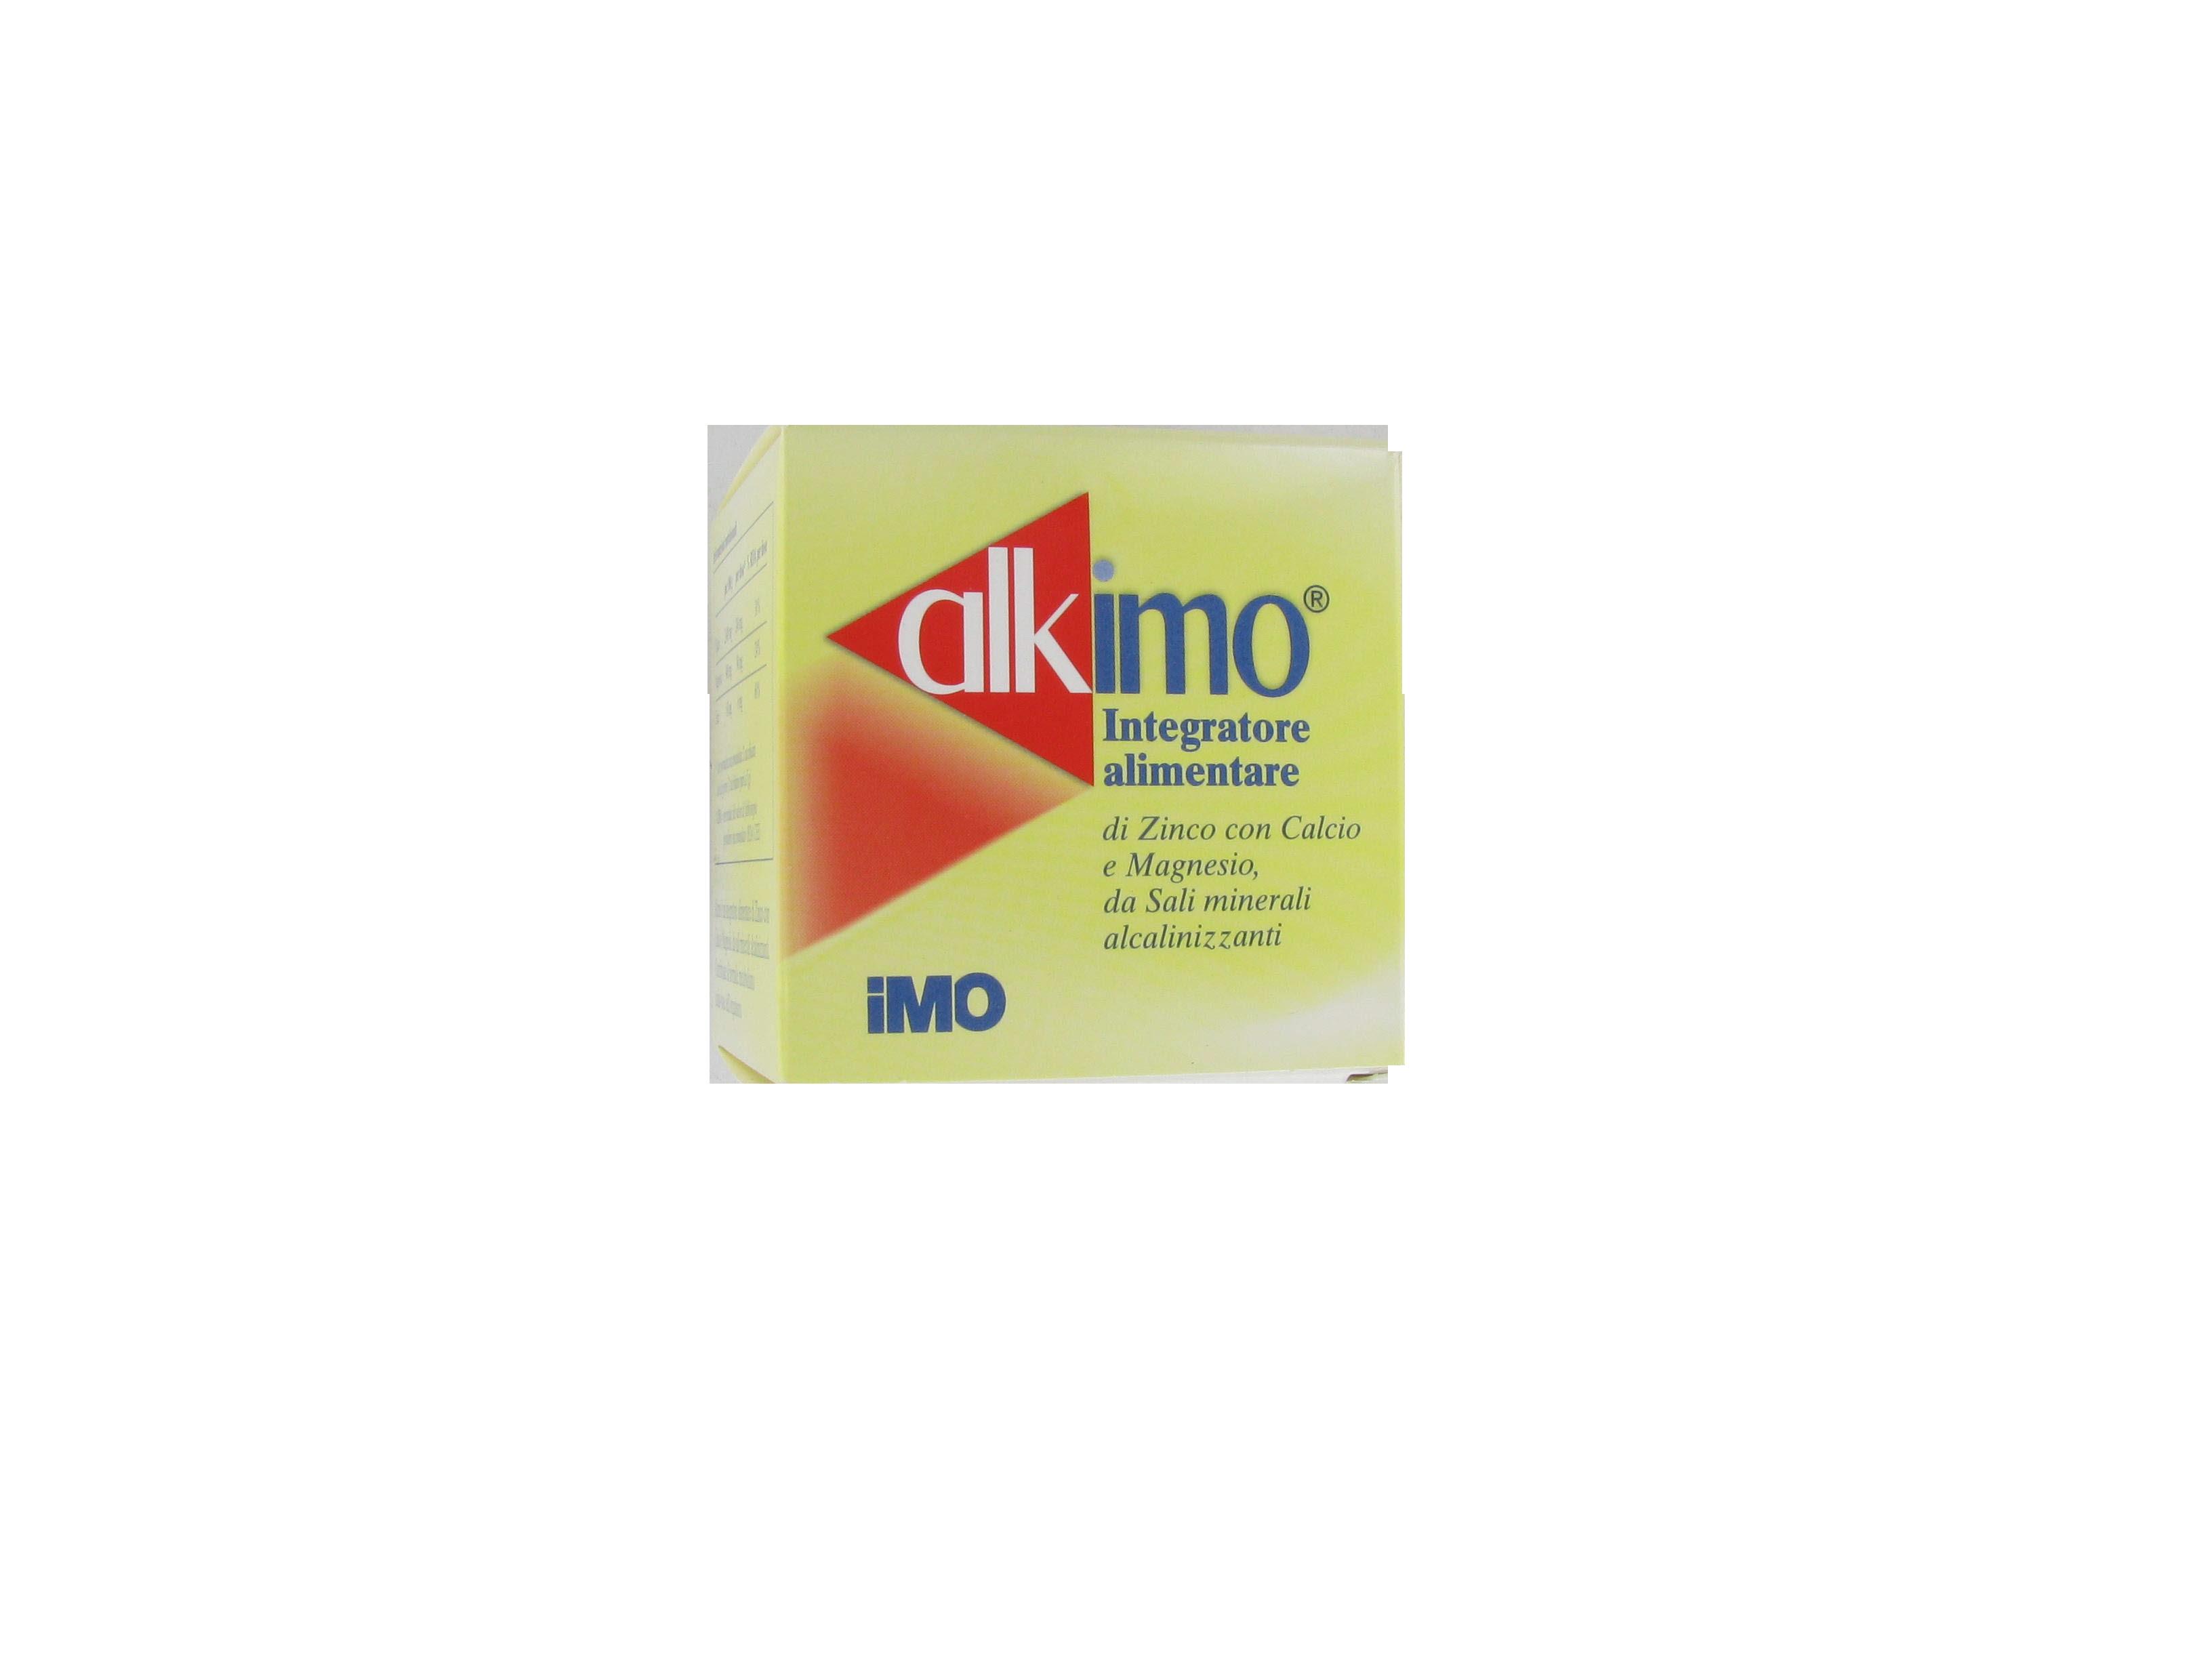 alkimo integratore dietetico di calcio, magnesio e zinco e sali minerali alcalinizzanti, utile